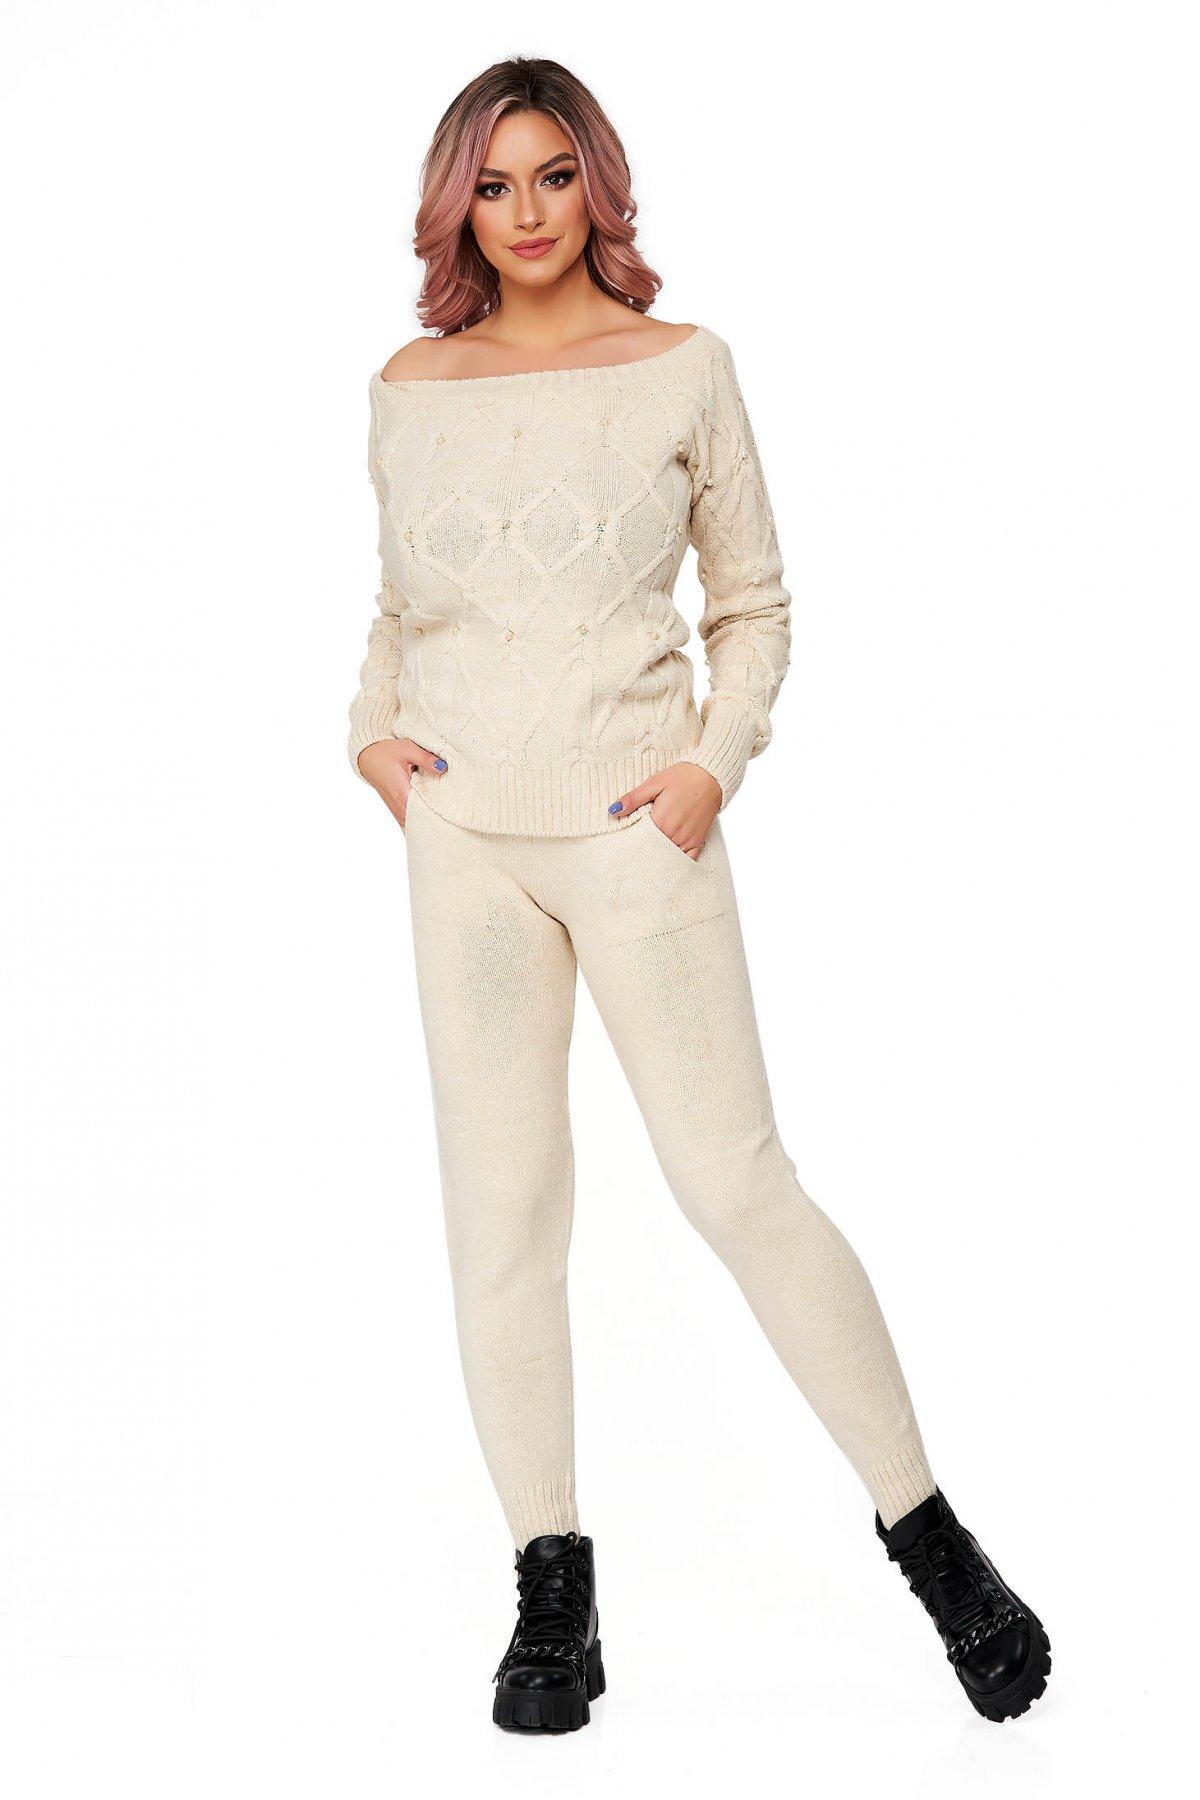 Trening dama SunShine crem din doua piese cu croi larg din material tricotat imagine